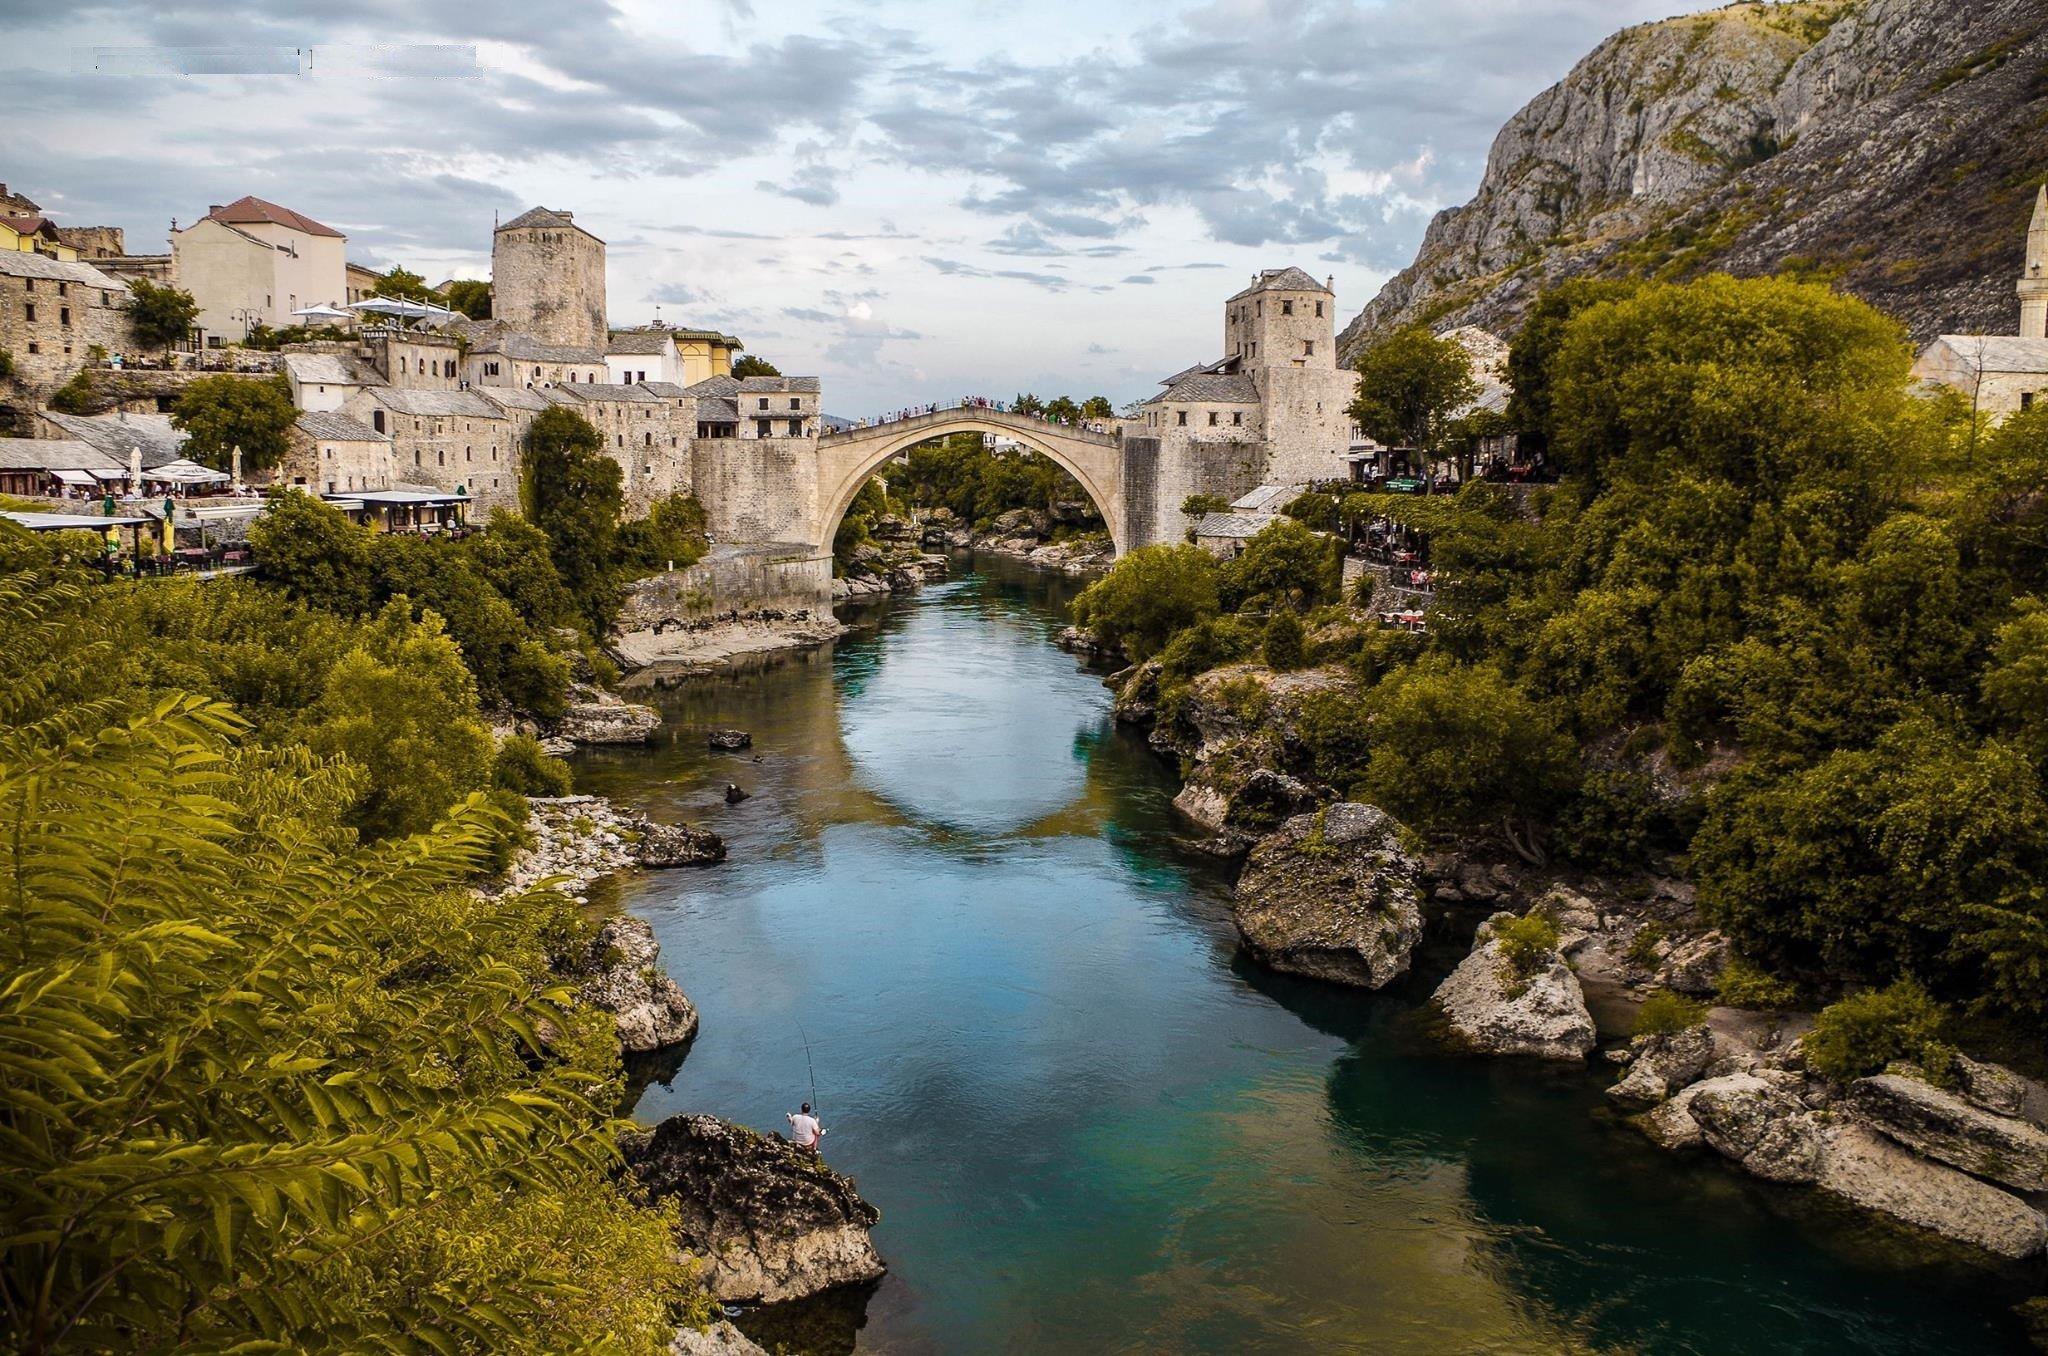 Pont en pierres, vieille ville de Mostar, Bosnie-et-Herzégovine